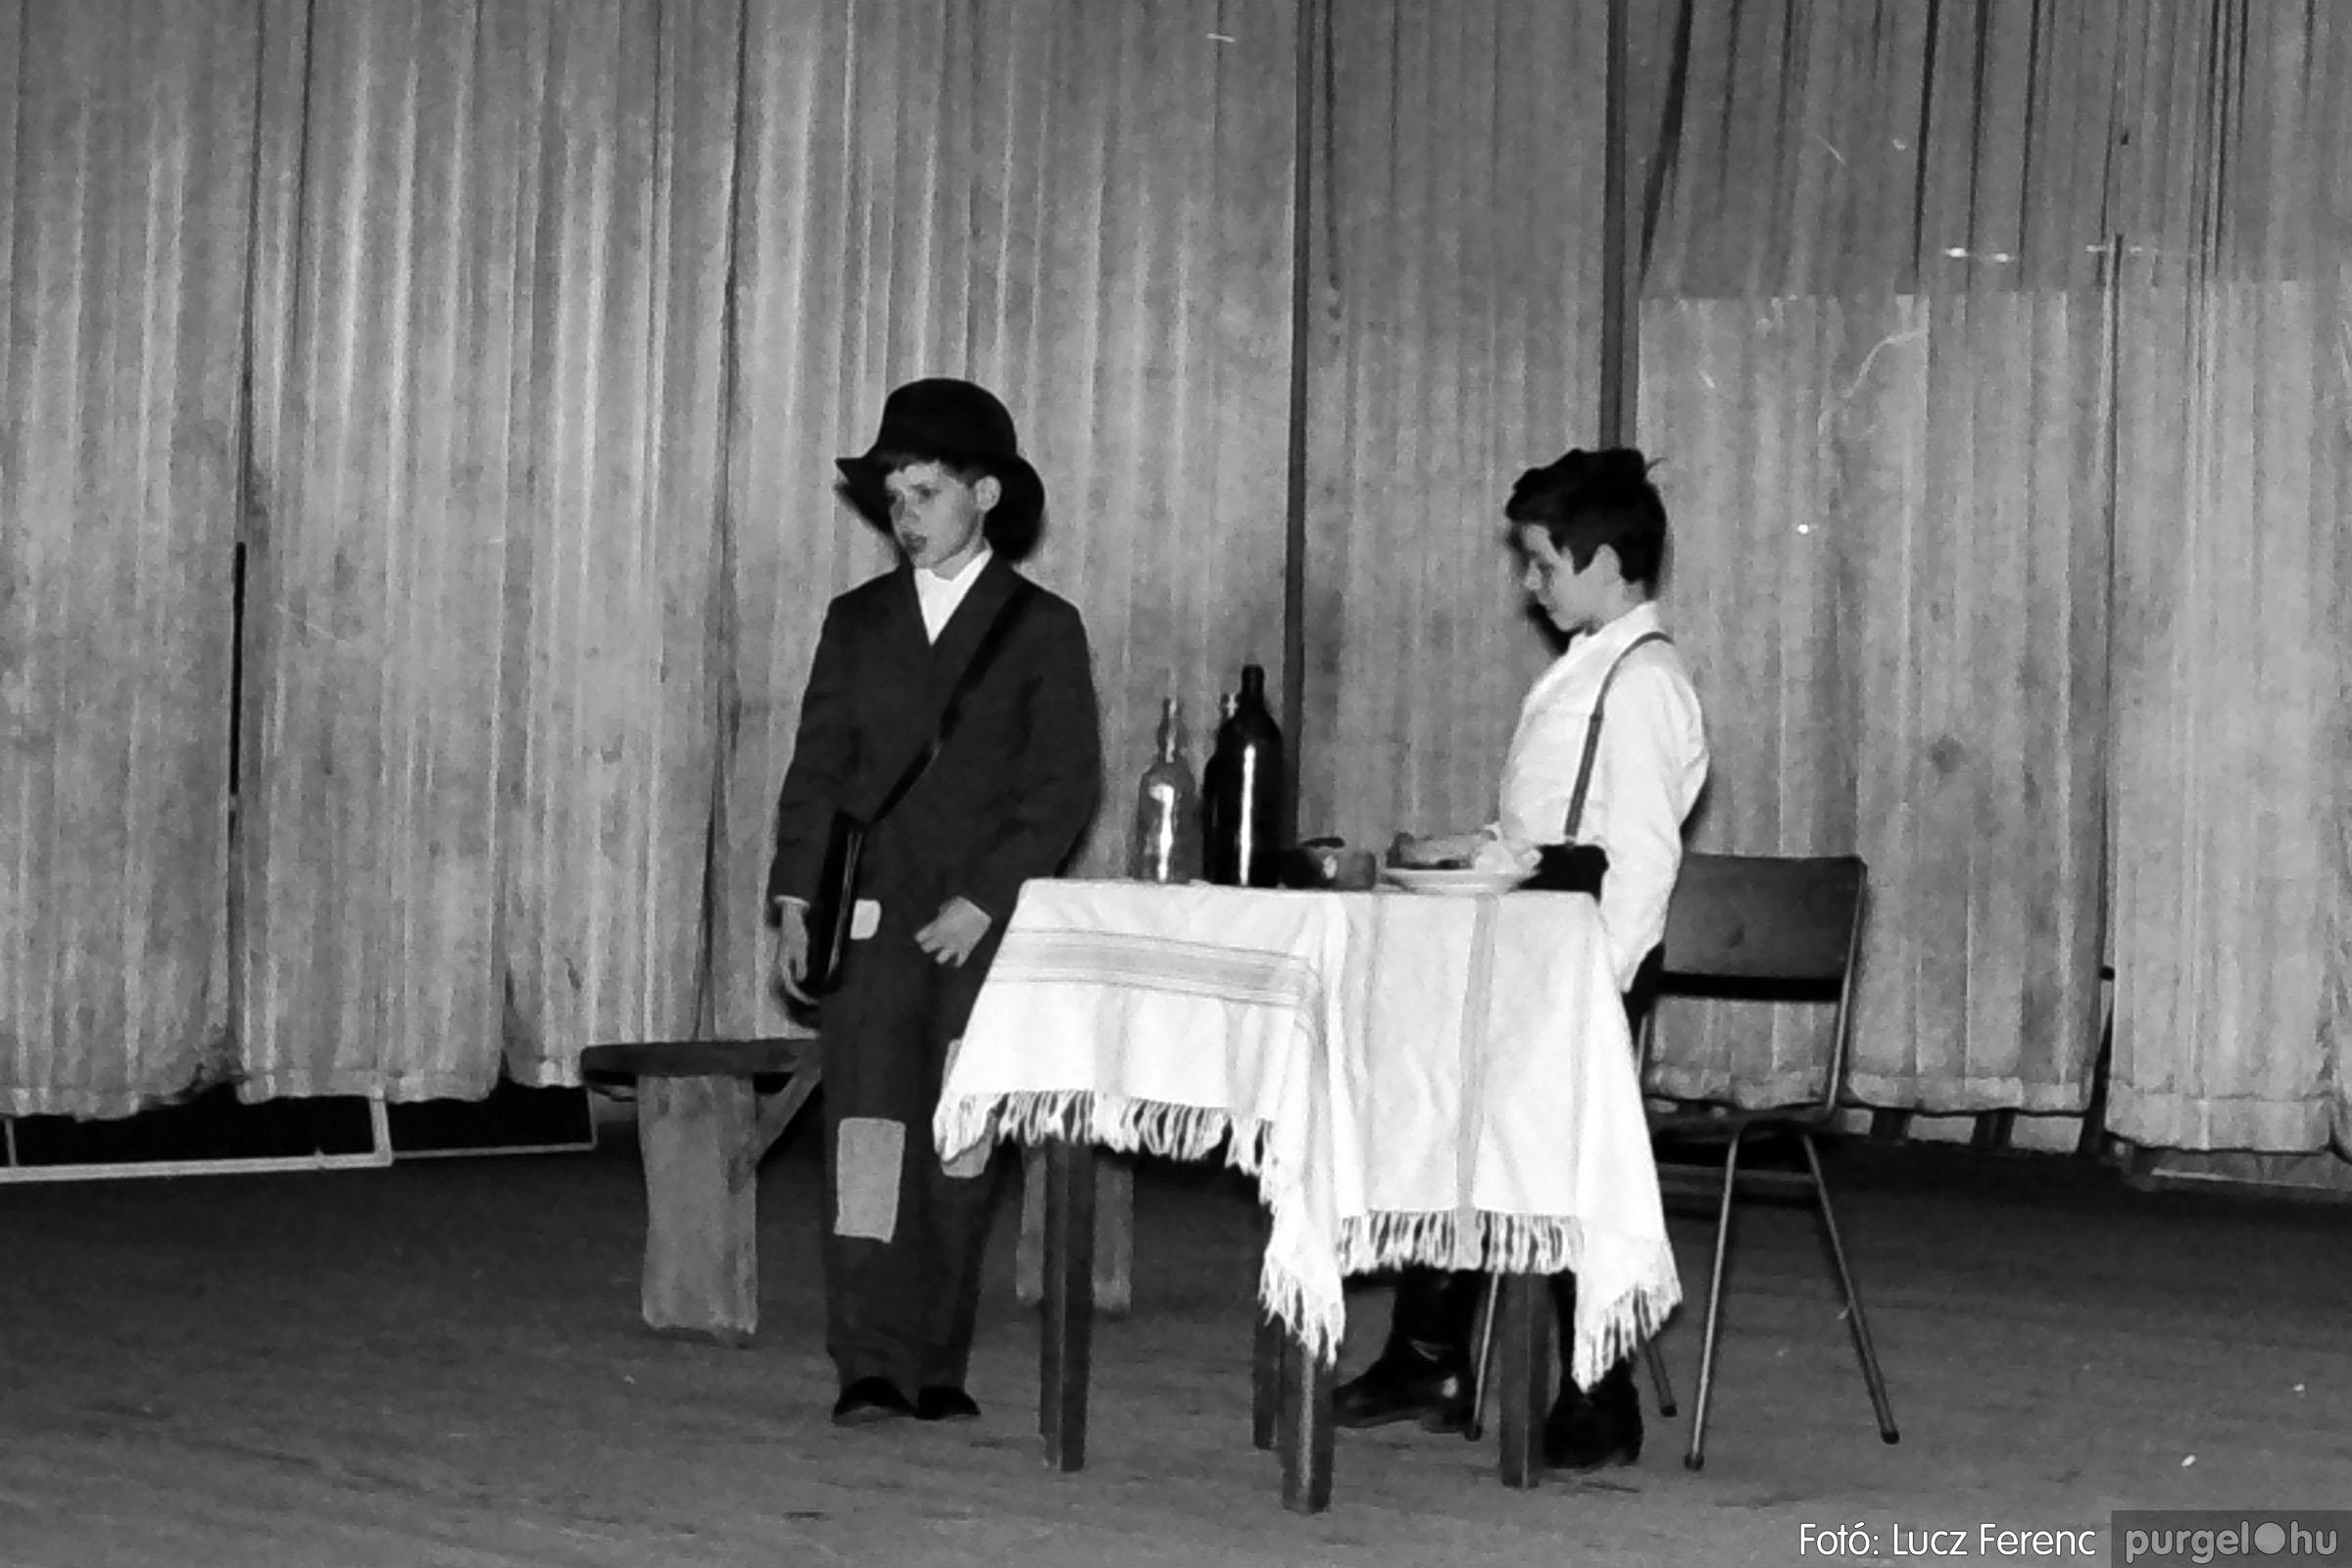 036-037. 1976. Diákprogram a kultúrházban 007 - Fotó: Lucz Ferenc.jpg